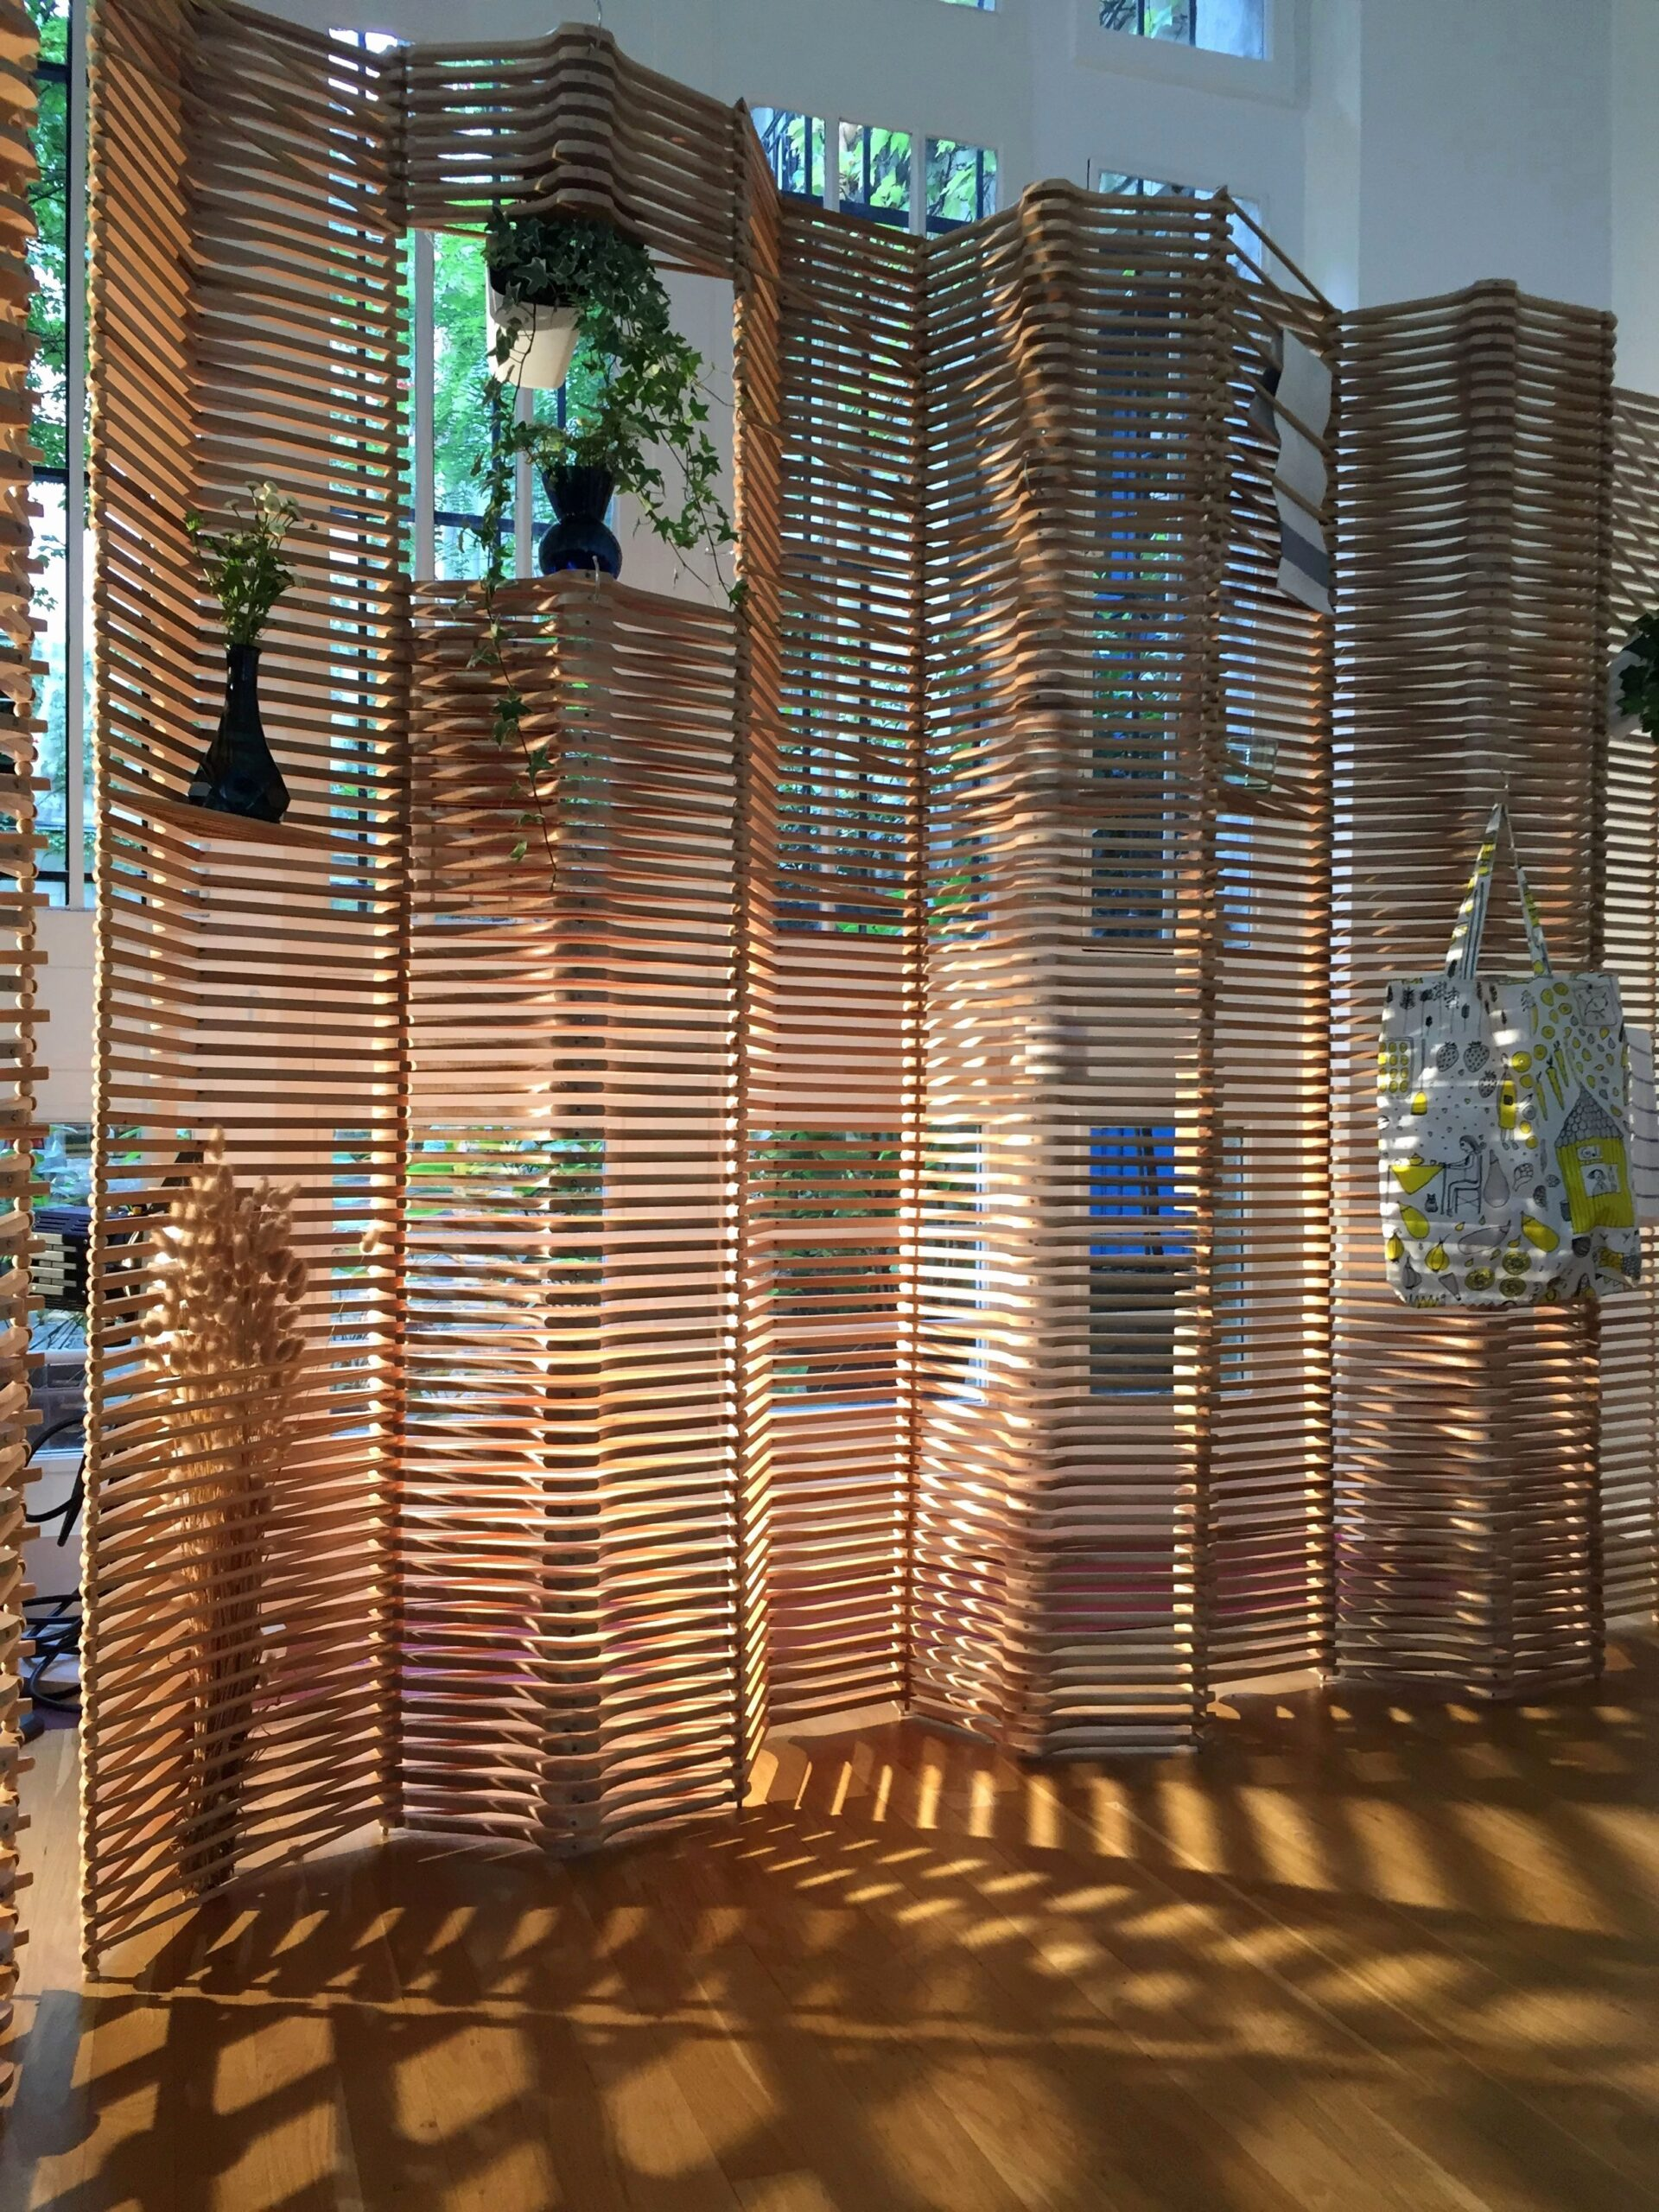 Full Size of Garten Und Landschaftsbau Hamburg Whirlpool Sichtschutz Holzhaus Kind Relaxliege Pavillon Feuerschale Aufblasbar Kugelleuchte Wassertank Vertikal Spielgeräte Wohnzimmer Bambus Paravent Garten